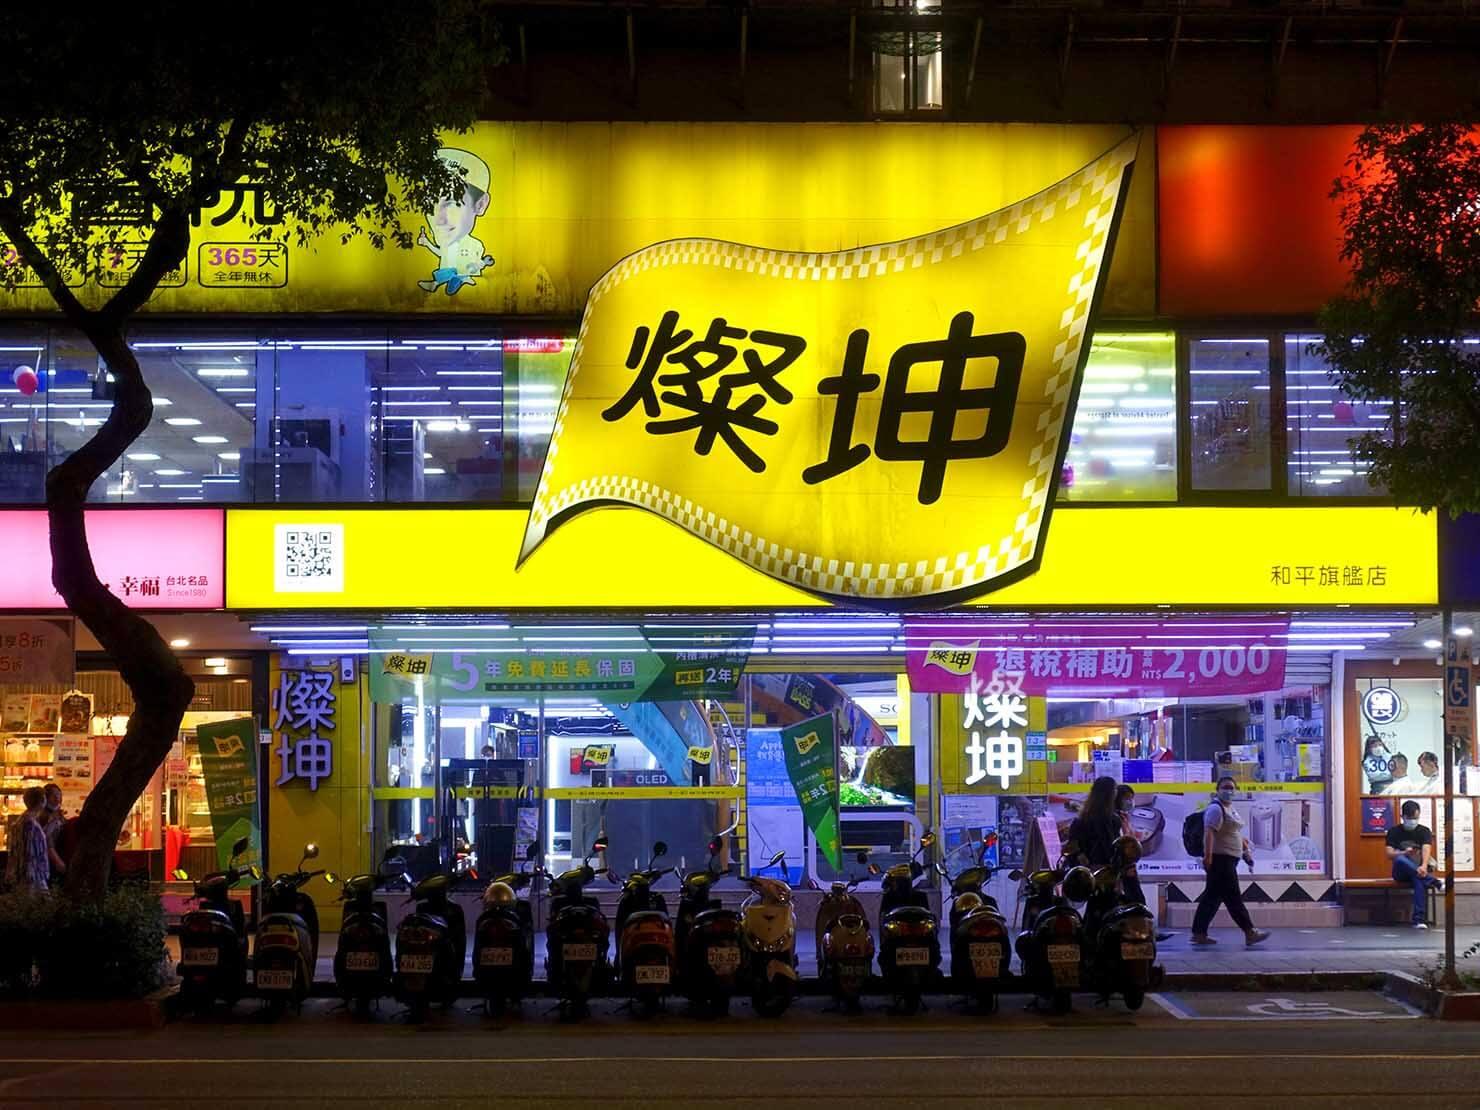 台北で生活家電を揃えたい時のおすすめ店「燦坤」